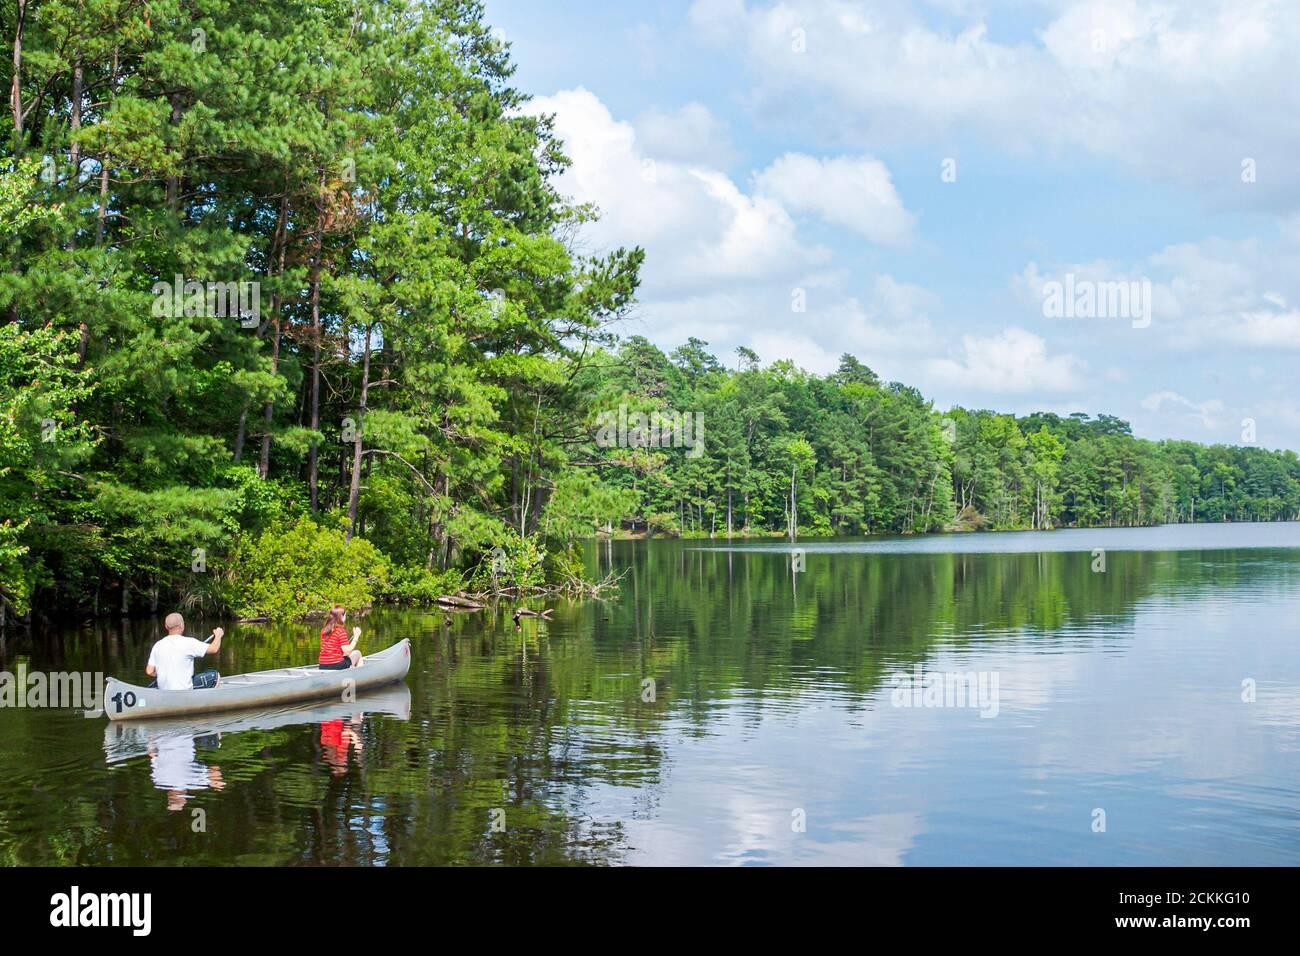 Virginia Newport News Park récréation nature paysage naturel, homme femme couple canot bateau paddle pagayer eau Beaverdam Creek, Banque D'Images